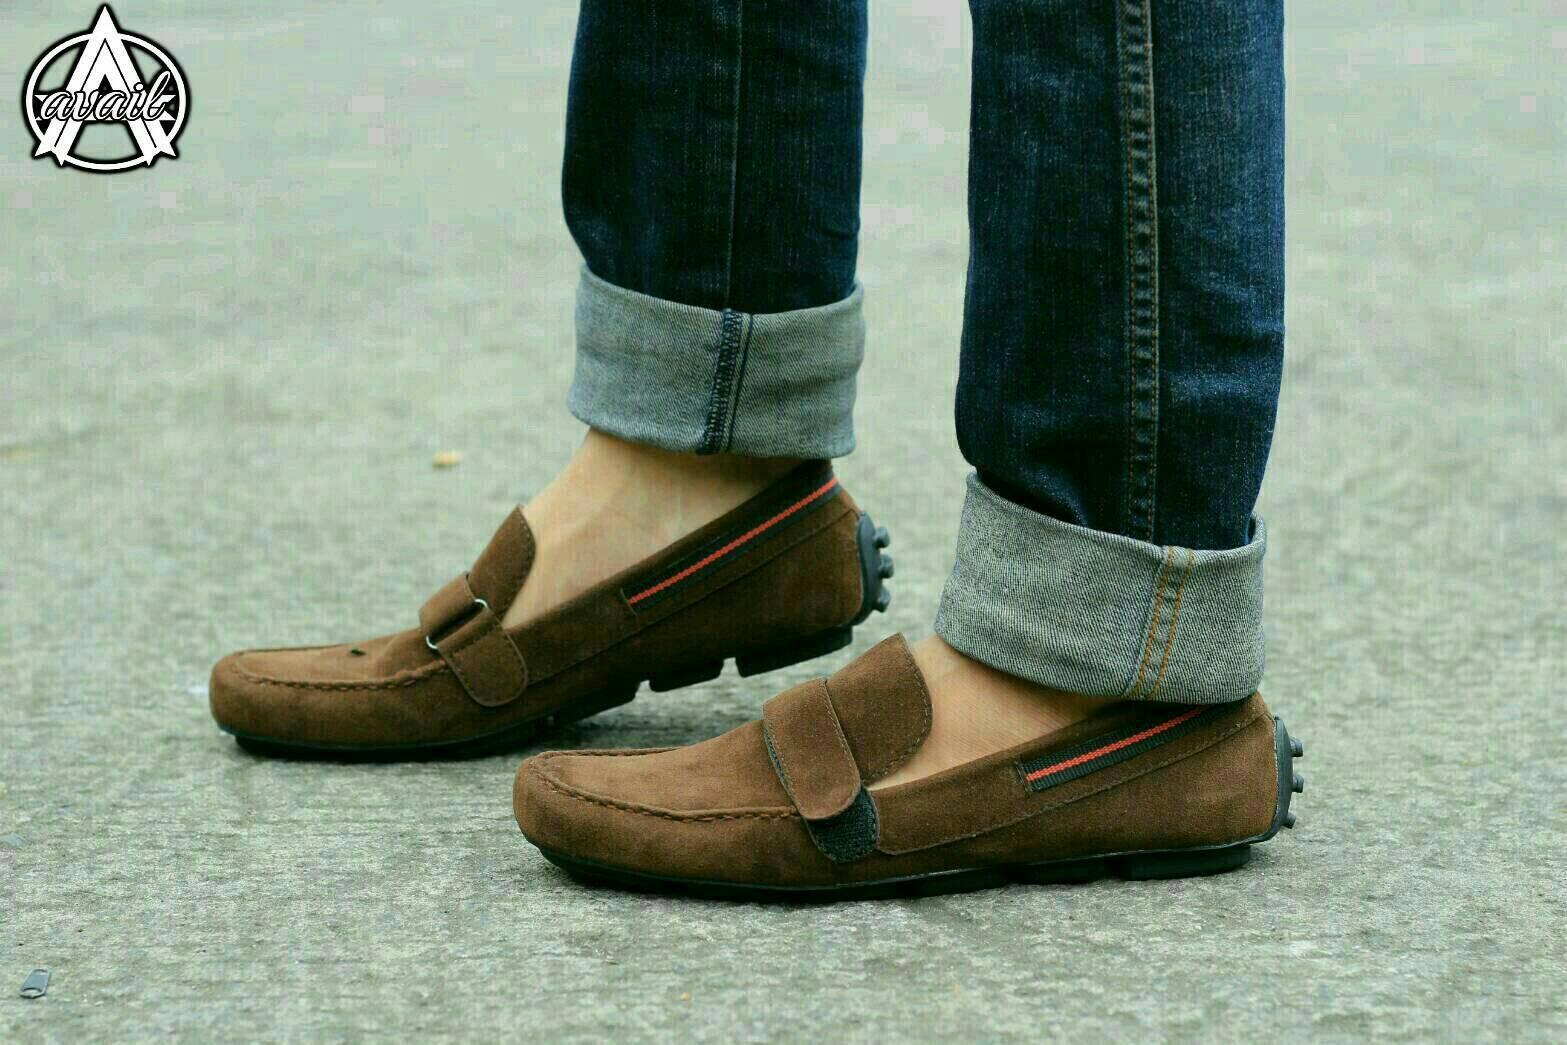 sepatu pria kulit avail everbest original - sepatu casual slip on slop mocasin pria